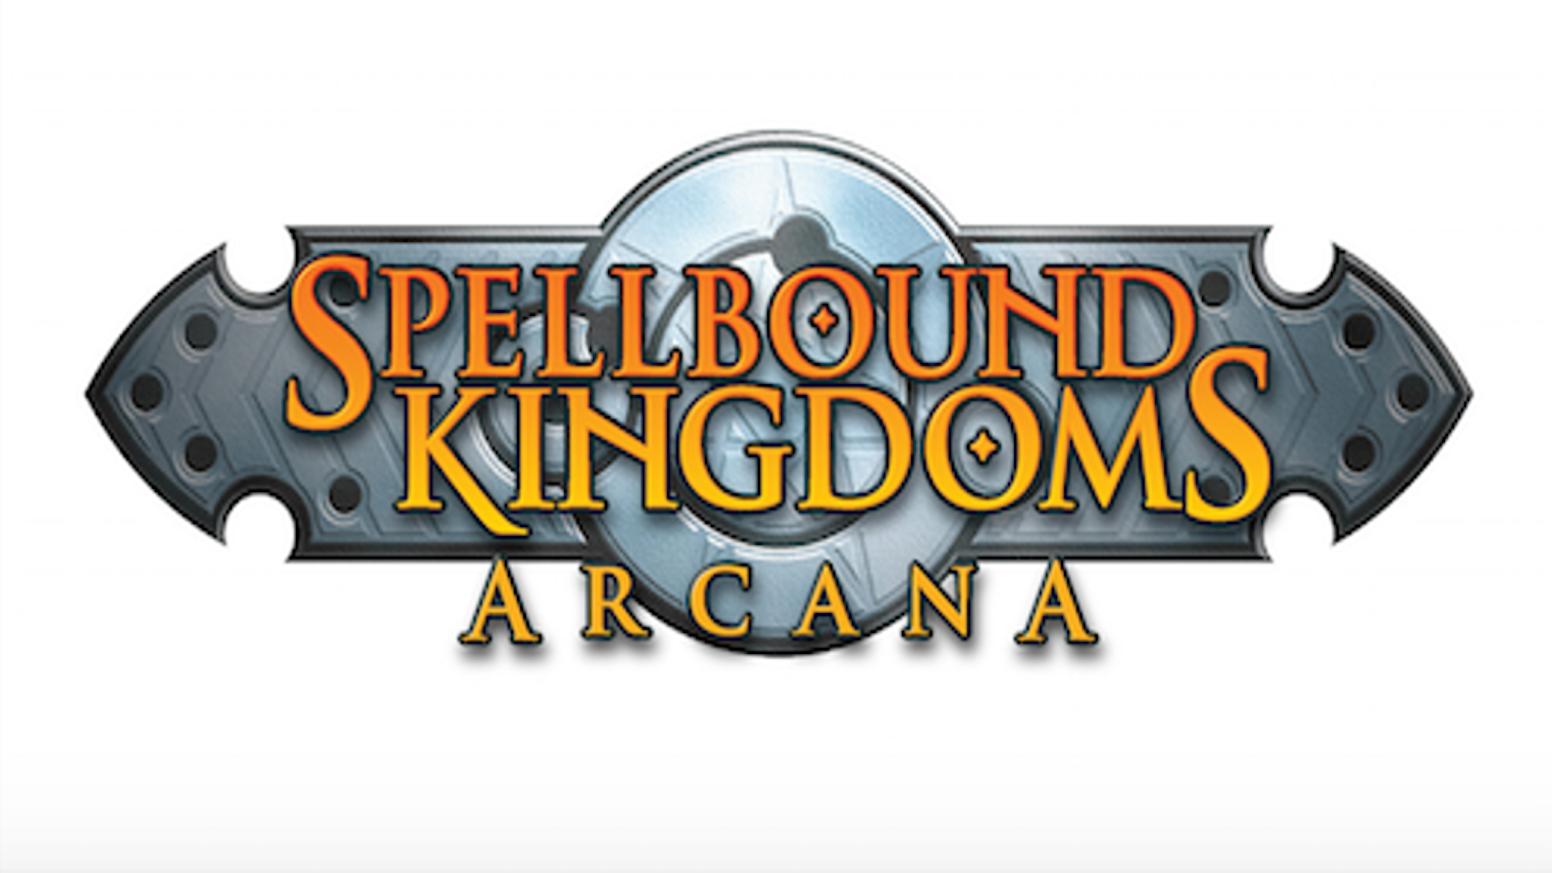 Spellbound Kingdoms: Arcana by Frank Brunner » Update: At Gen Con